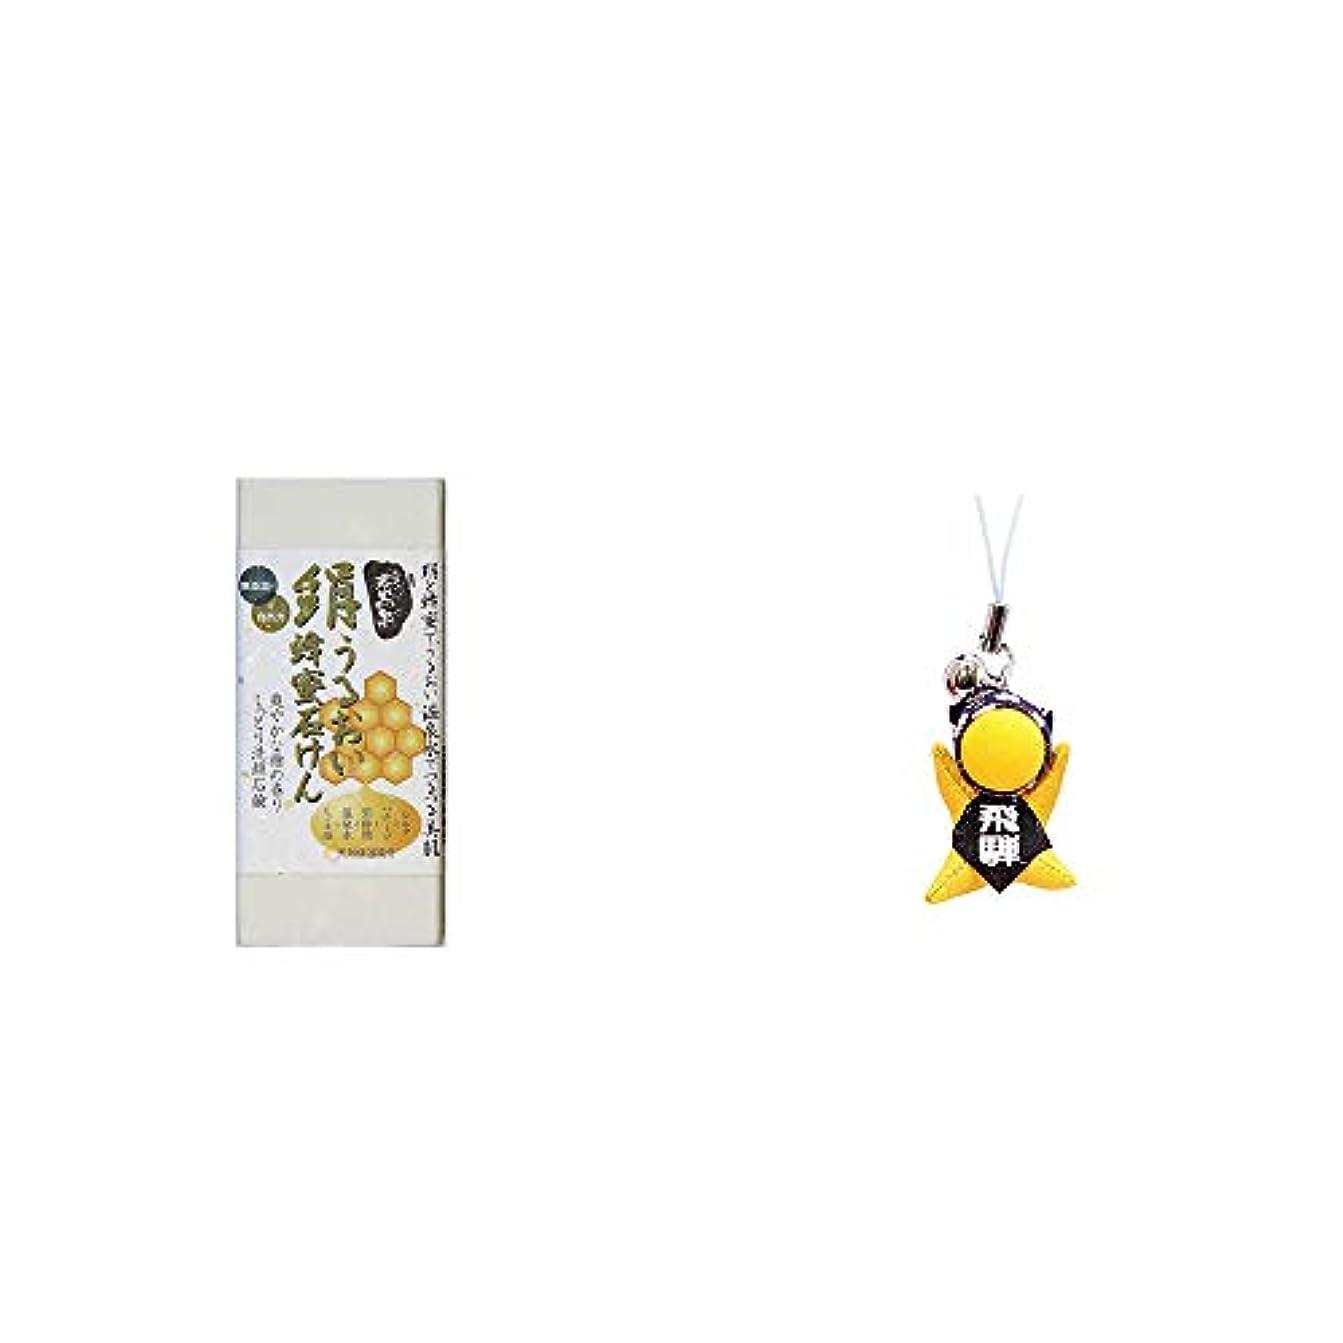 合理化然とした登山家[2点セット] ひのき炭黒泉 絹うるおい蜂蜜石けん(75g×2)?さるぼぼ幸福ストラップ 【緑】 / 風水カラー全9種類 健康 お守り//